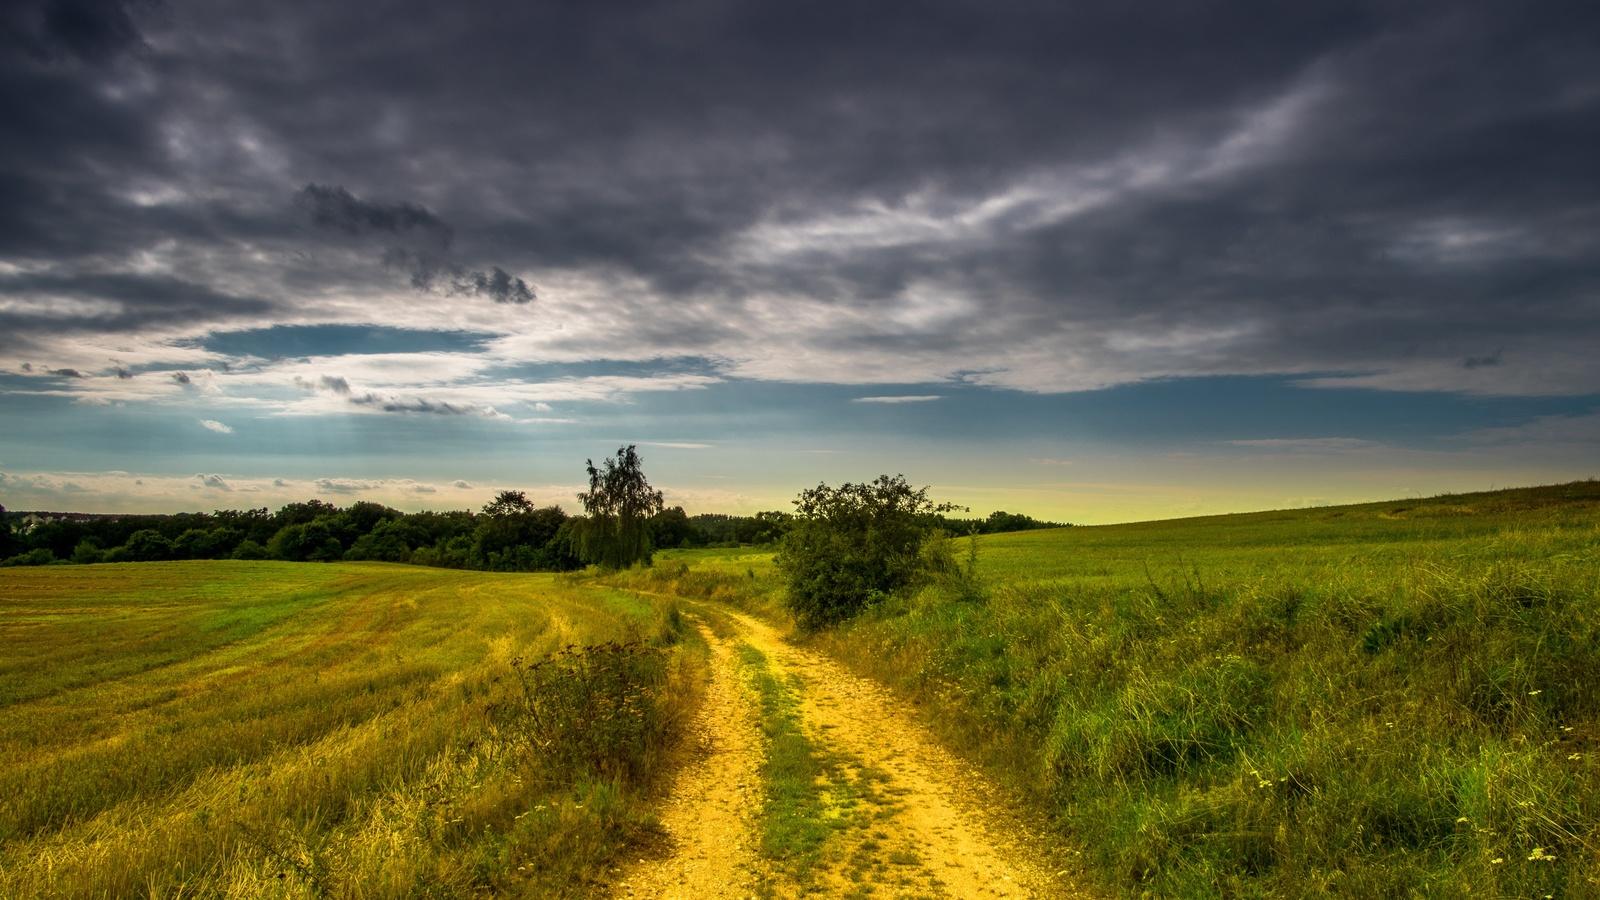 небо, дорога, трава, облака, деревья, растения, пейзаж, горизонт